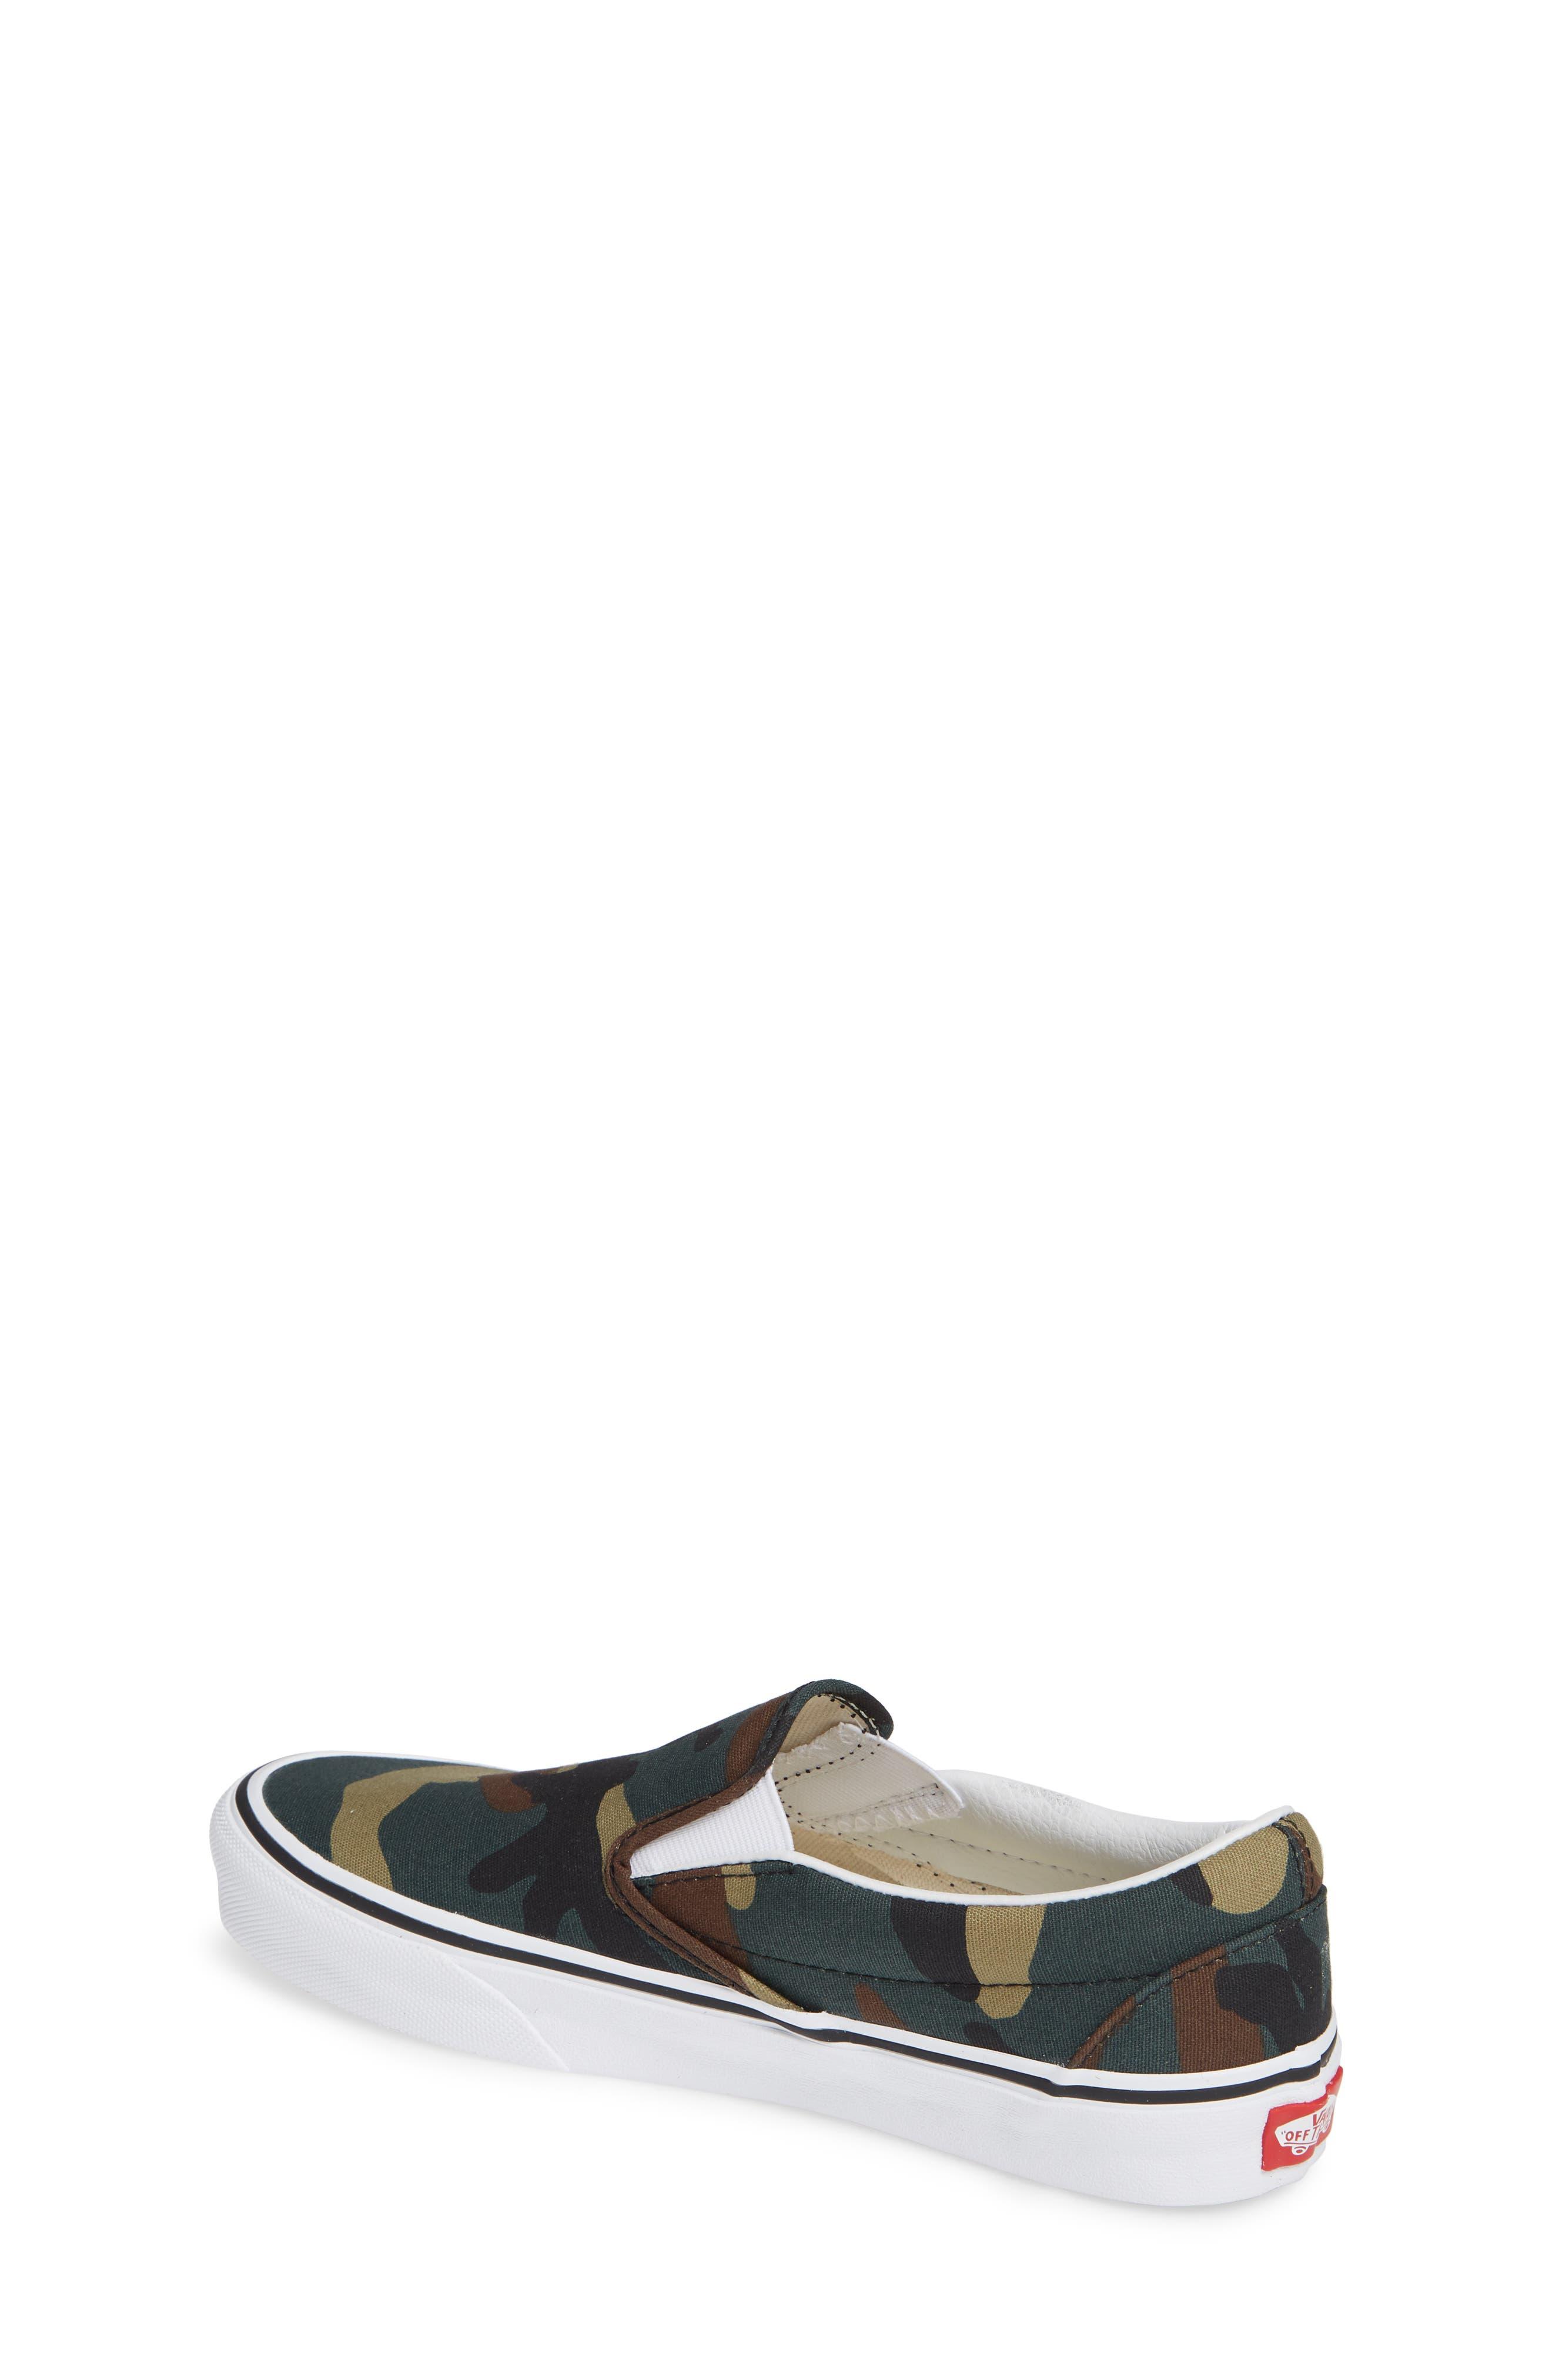 Classic Slip-On Sneaker,                             Alternate thumbnail 2, color,                             001